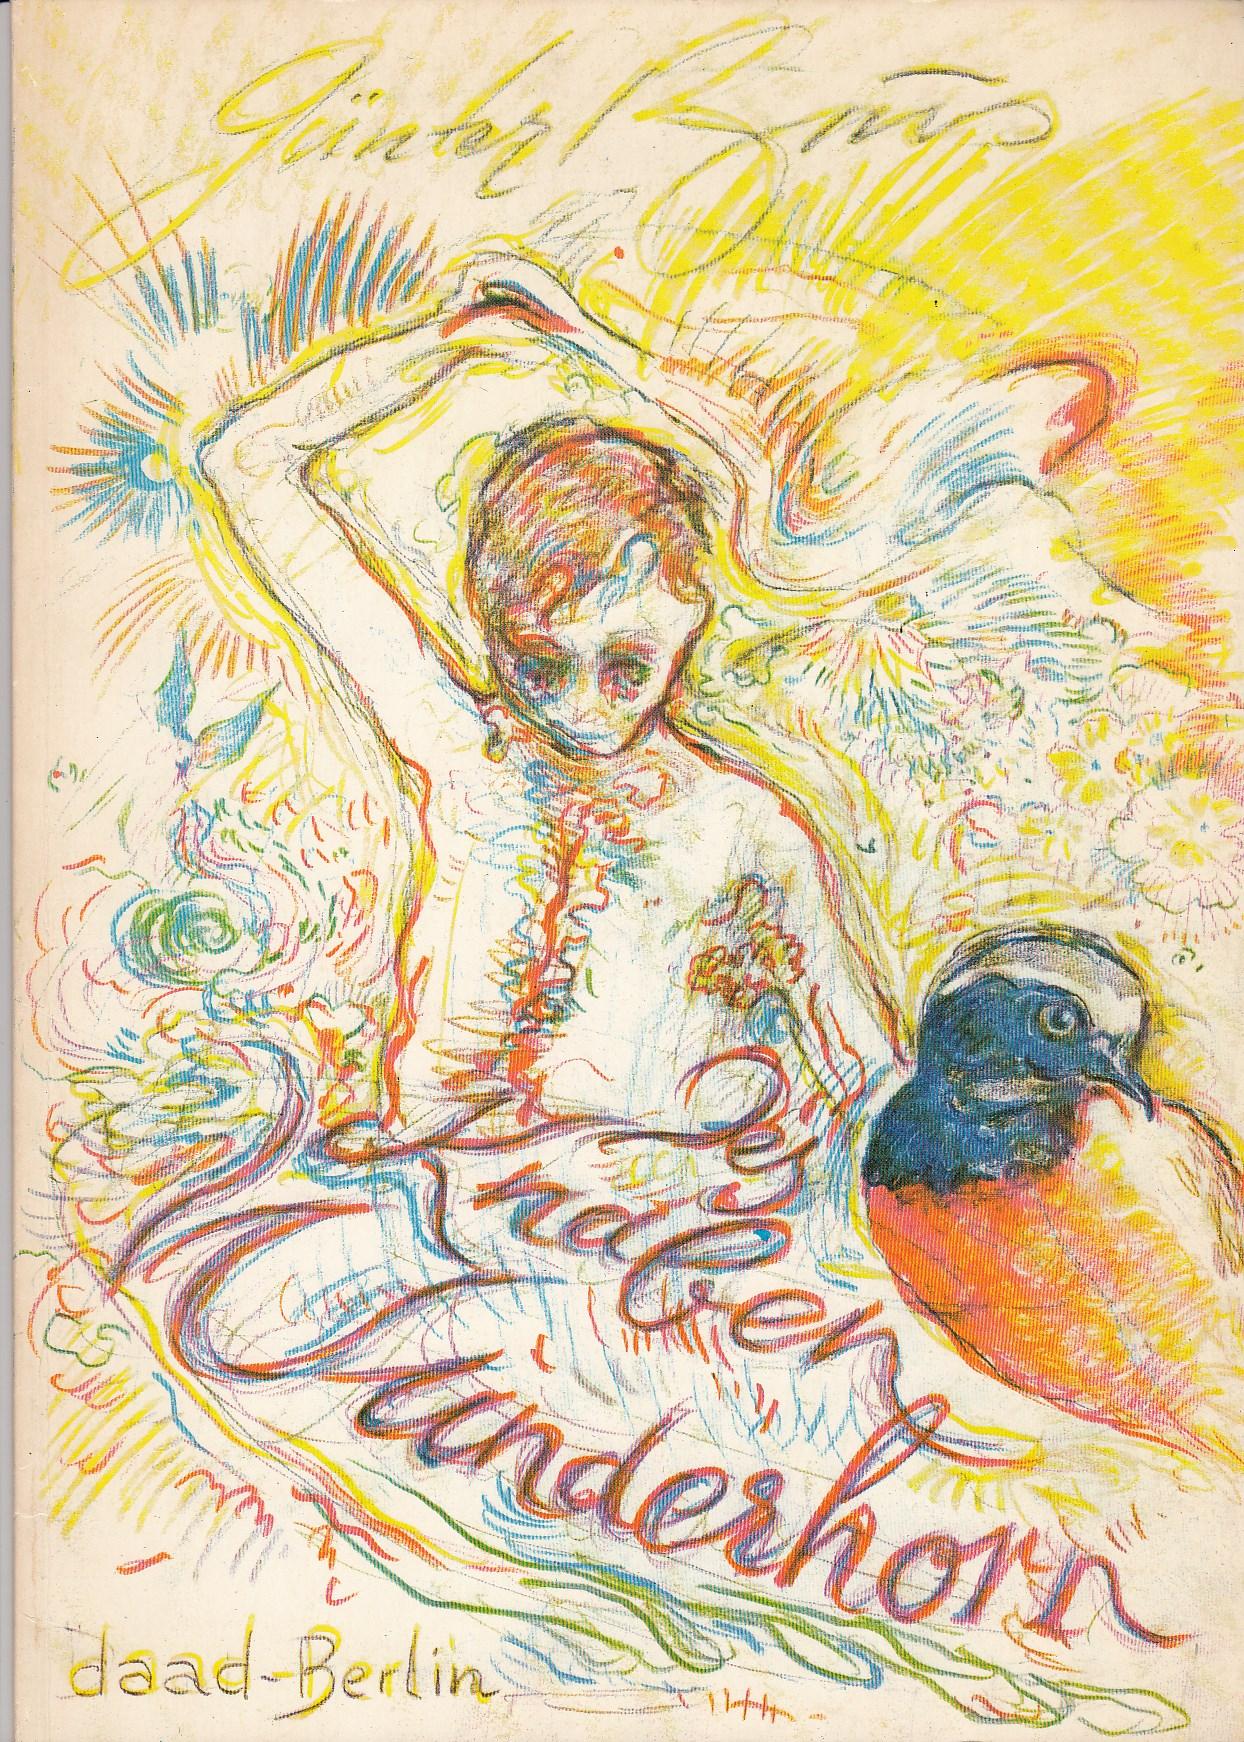 """Des Knaben Wunderhorn. Enthält von Wieland Schmied """"Zwei Texte für Günter Brus. Ein irdisches Totaltheater. Eine Rühmung des Dekorativen. Redaktion Arnulf Meifert. Ausstellungskatalog. Viele farbige Abbildungen."""